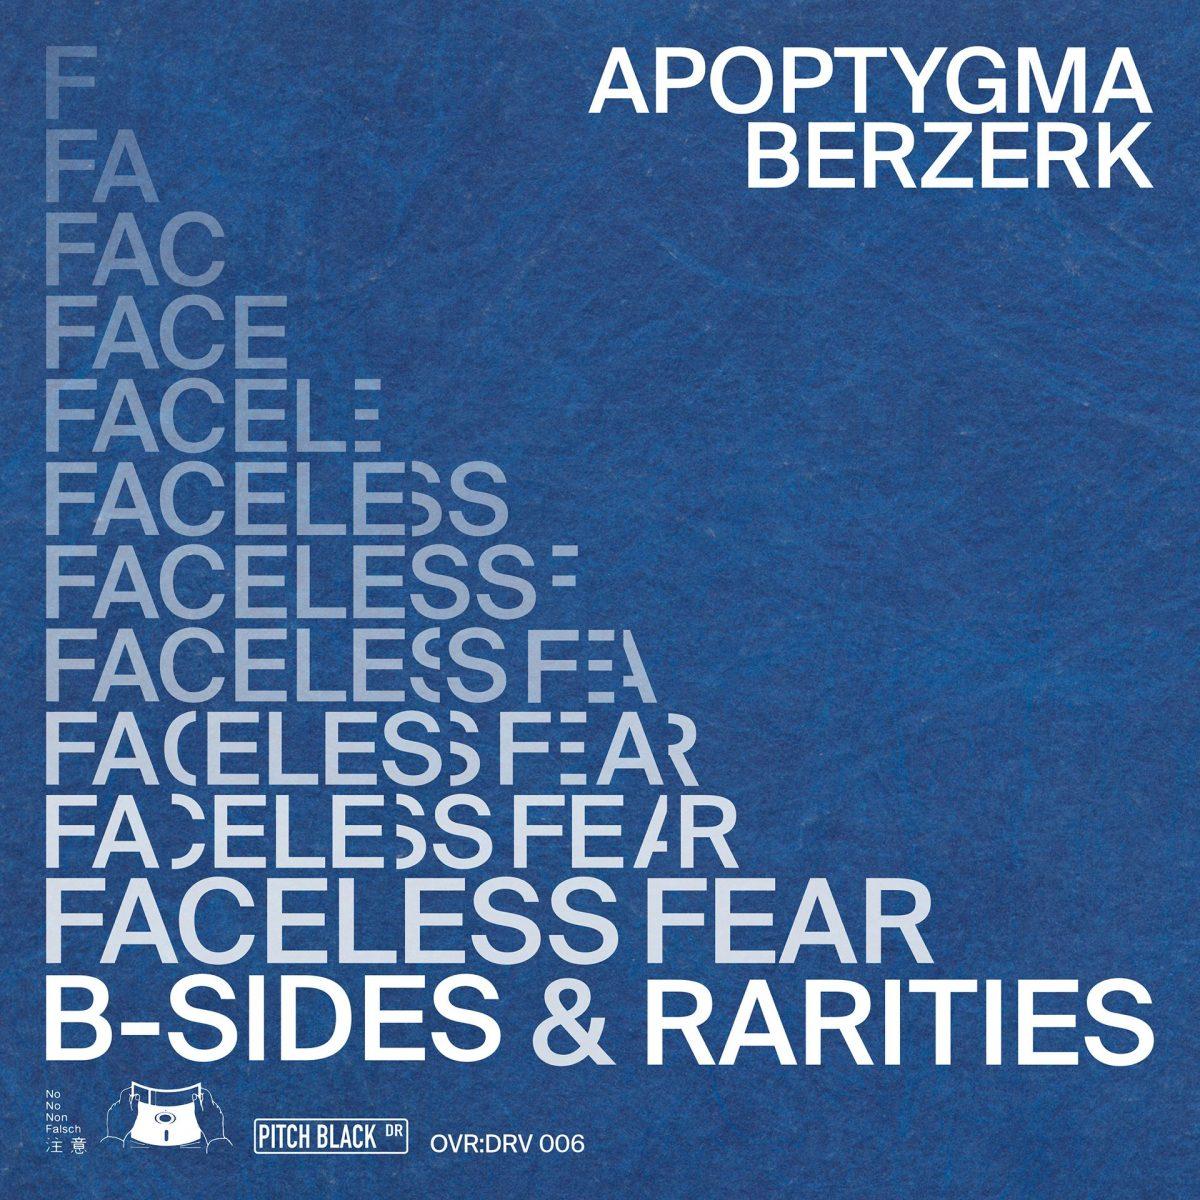 Apoptygma Berzerk - Faceless Fear (B-Sides & Rarities)